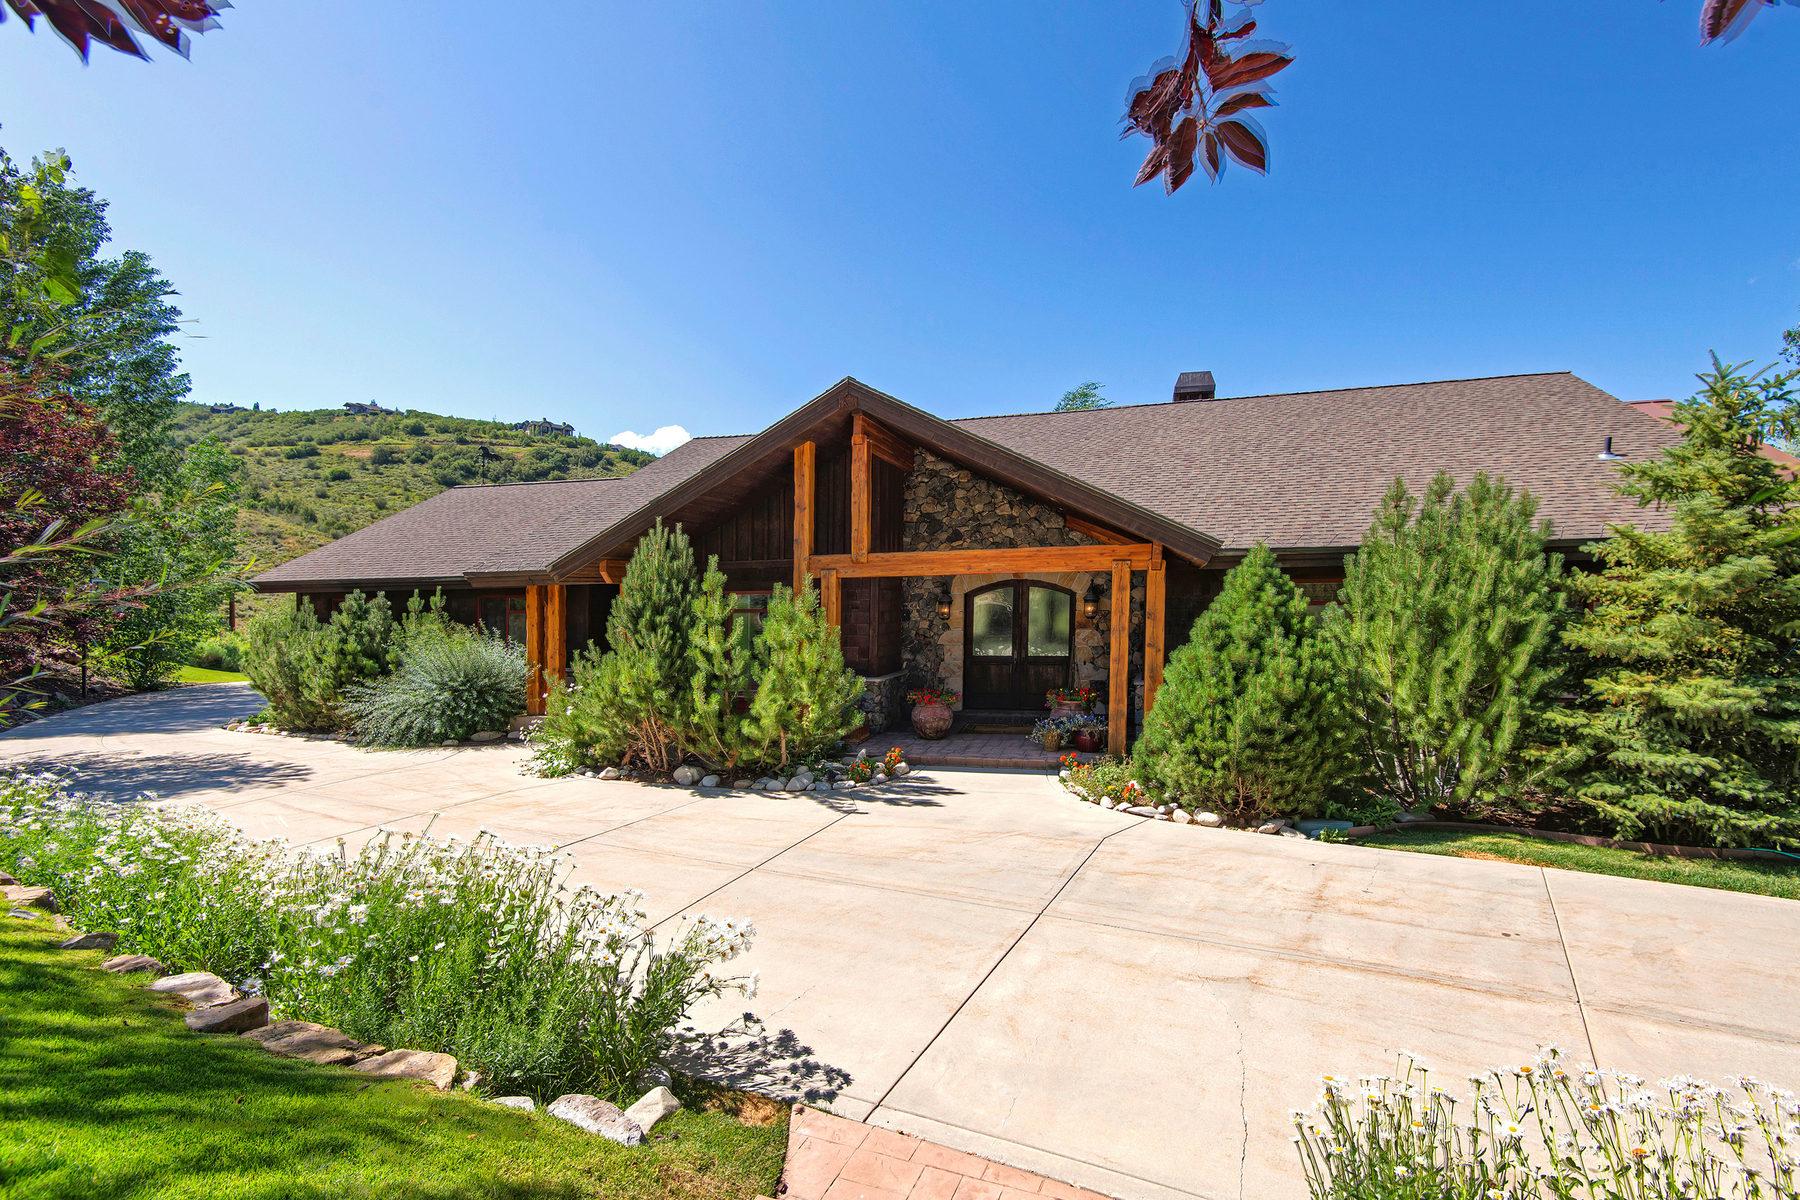 Tek Ailelik Ev için Satış at Mountain Golf Course Masterpiece 3950 Lariat Rd Park City, Utah 84098 Amerika Birleşik Devletleri